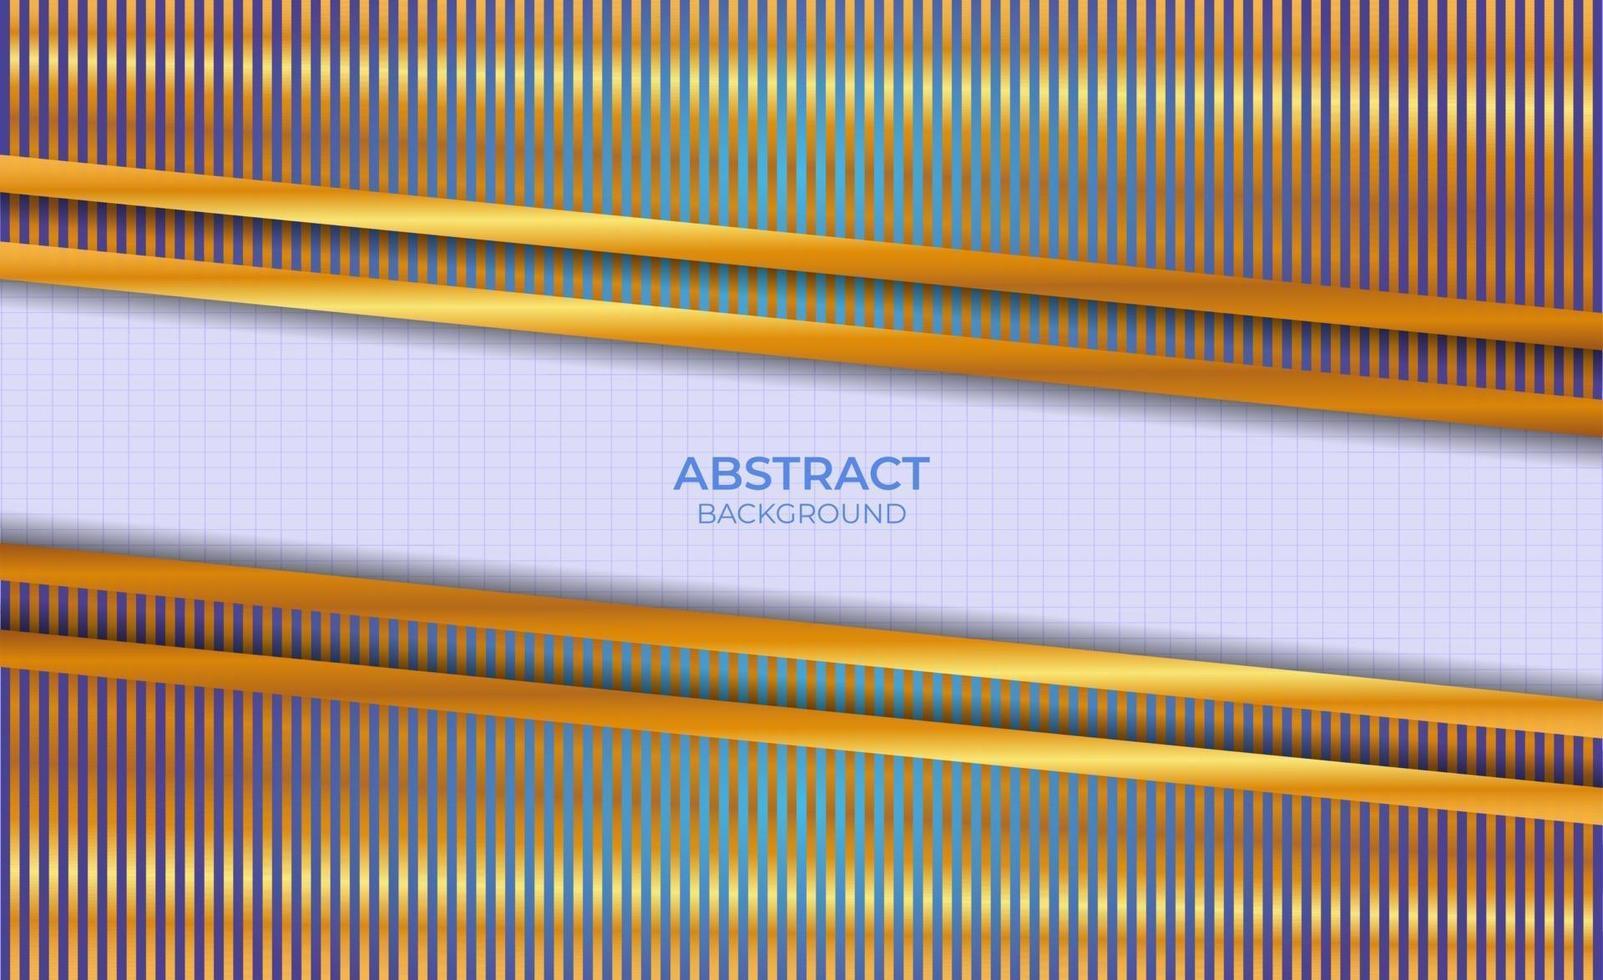 conception de fond abstrait bleu et or vecteur